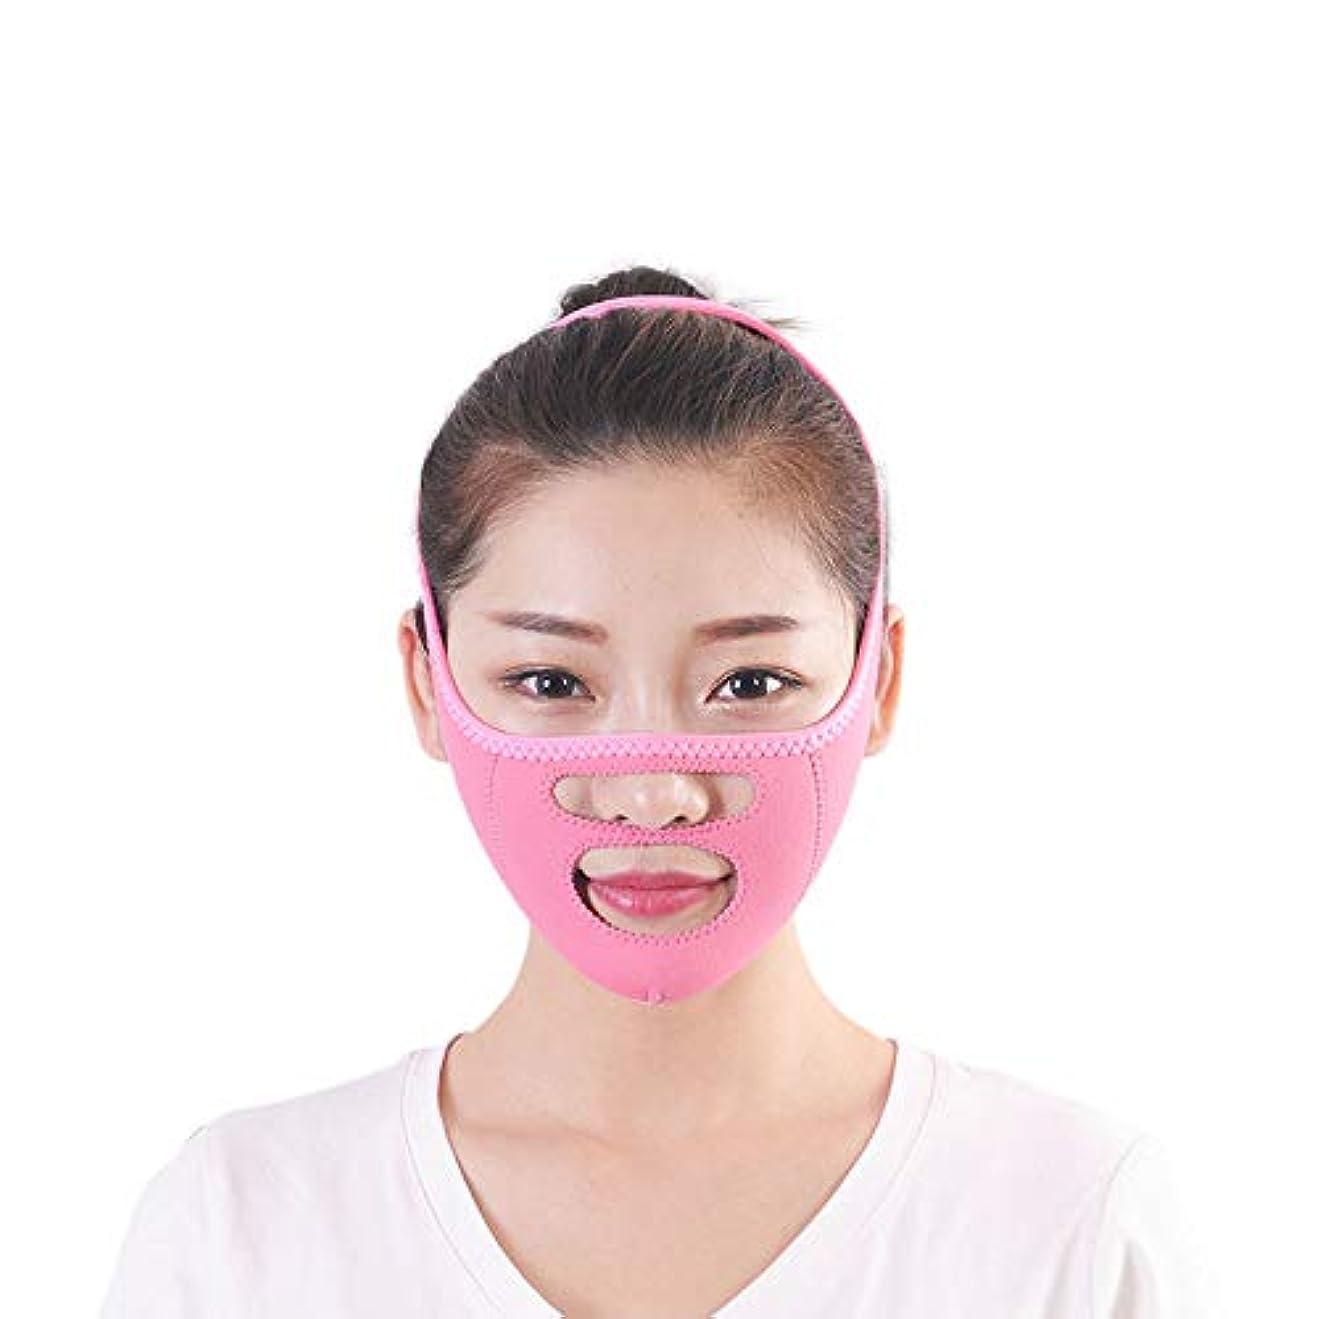 王室小説家包囲二重あごの顔の減量の緩和を改善するためのフェイスリフティングアーチファクトマスク、ビームフェイス包帯/小型Vフェイスリフティングタイト補正,Blue